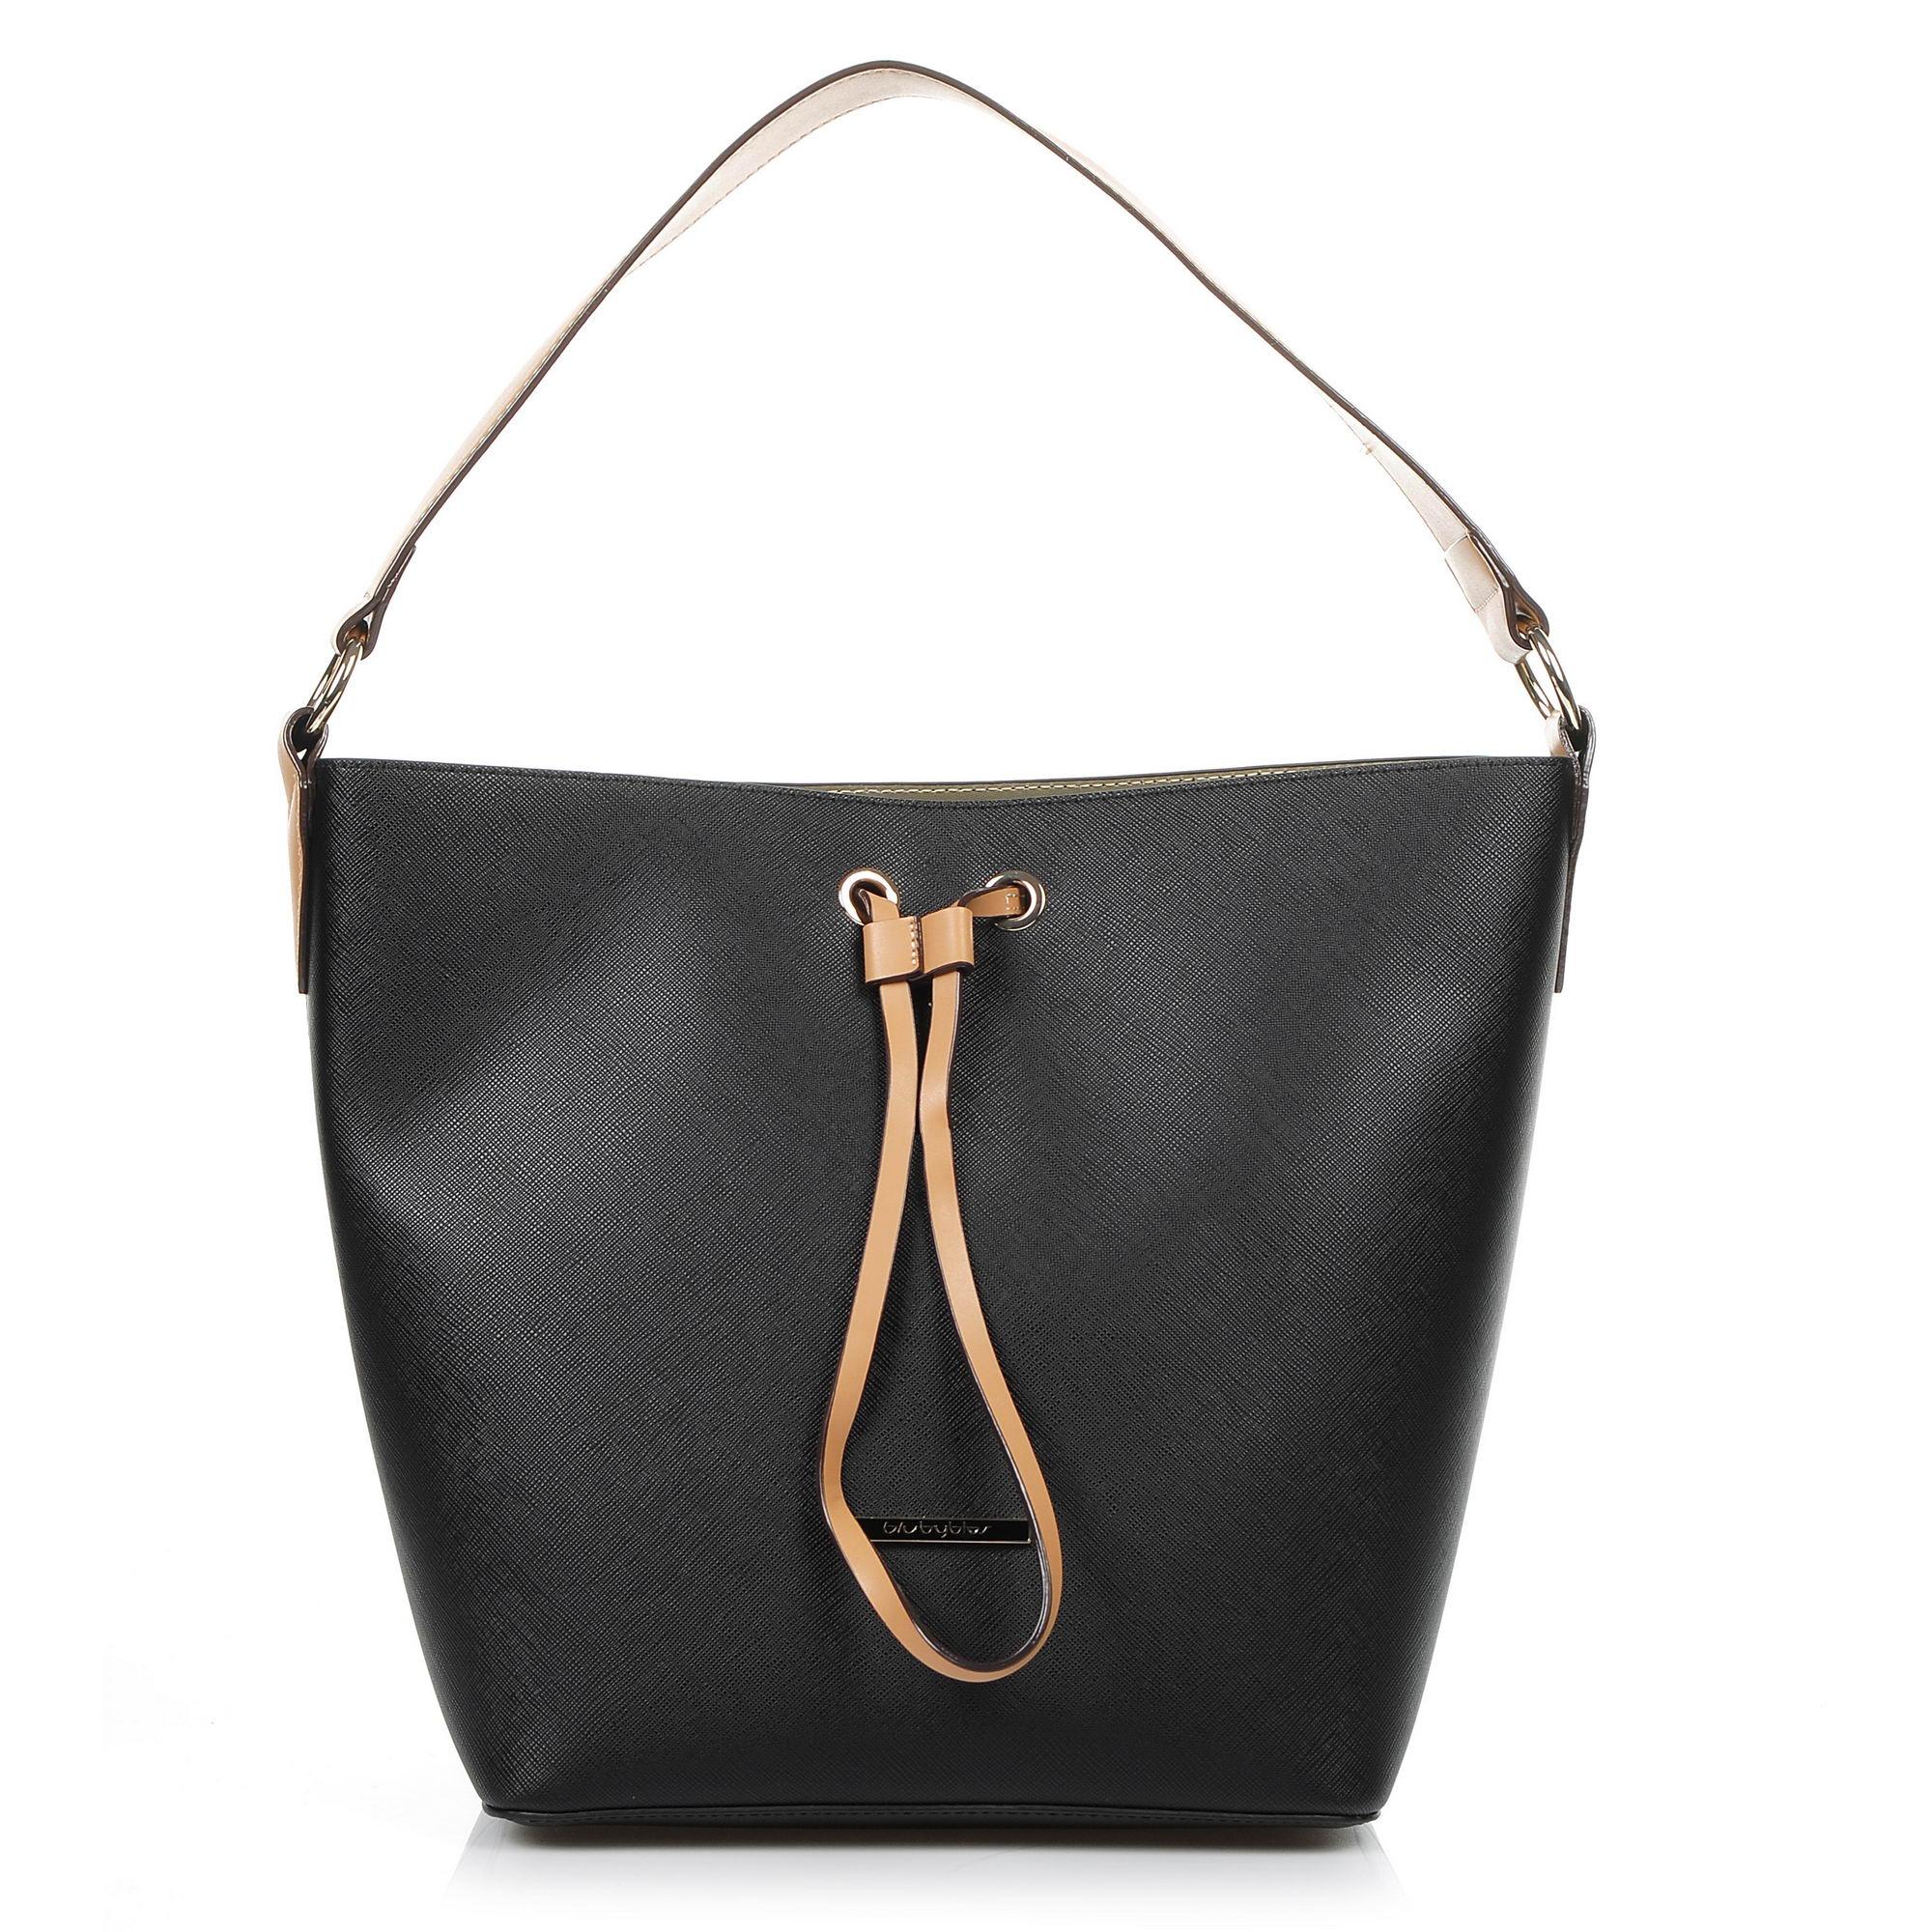 Τσάντα Ώμου Blu Byblos Secch.Ladybug 680413